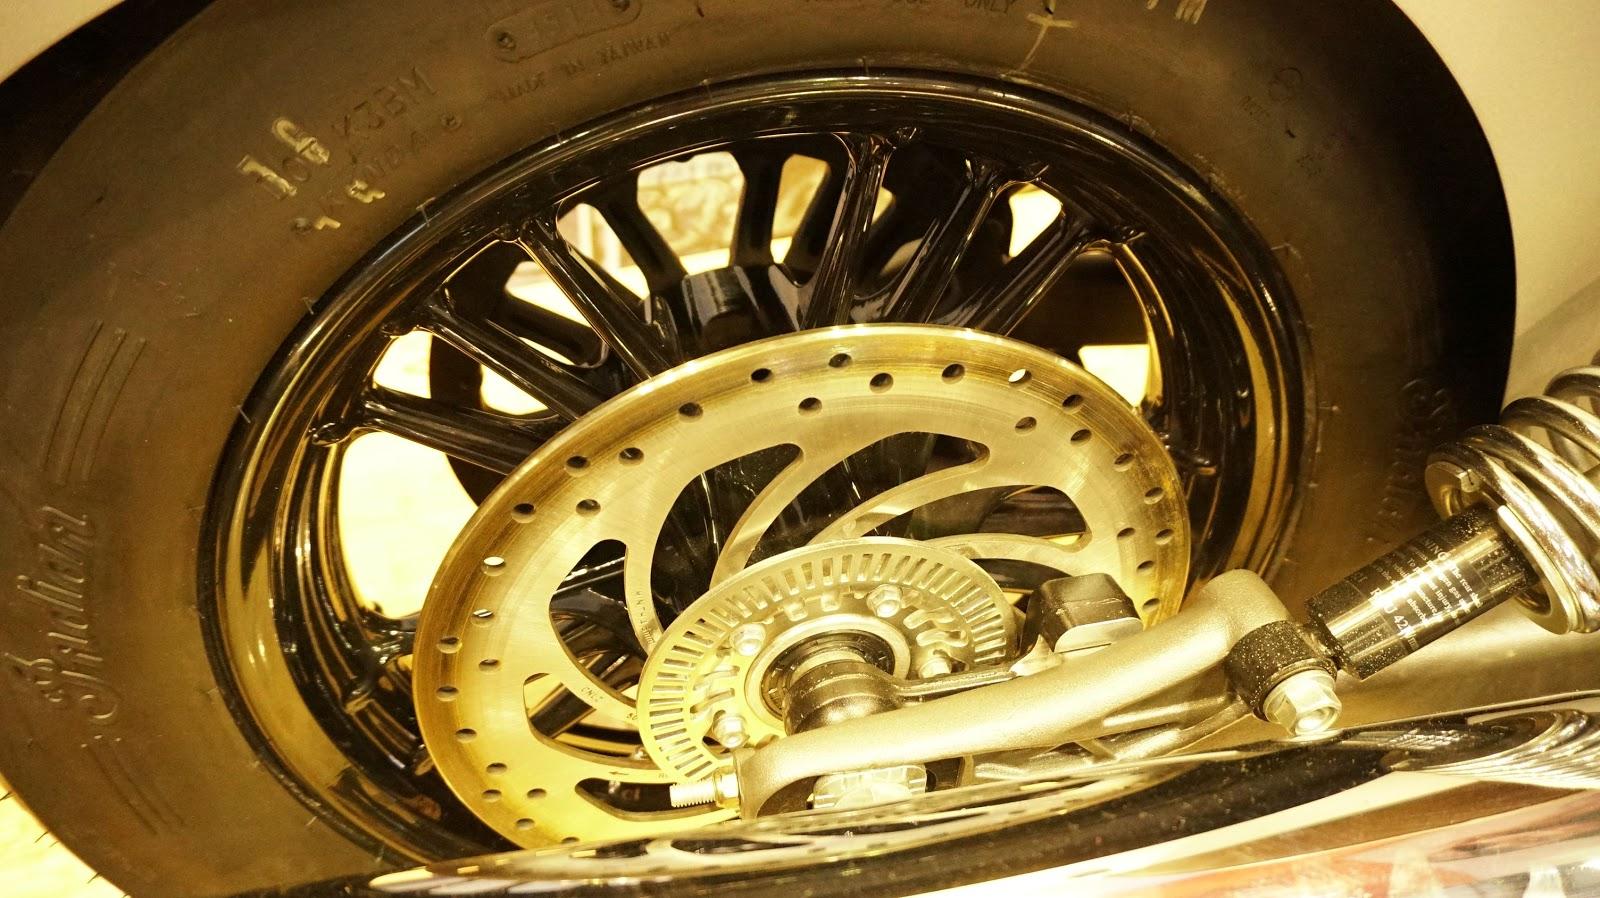 Bánh sau một phanh đĩa, ống xả kép dài sáng bóng ấn tượng